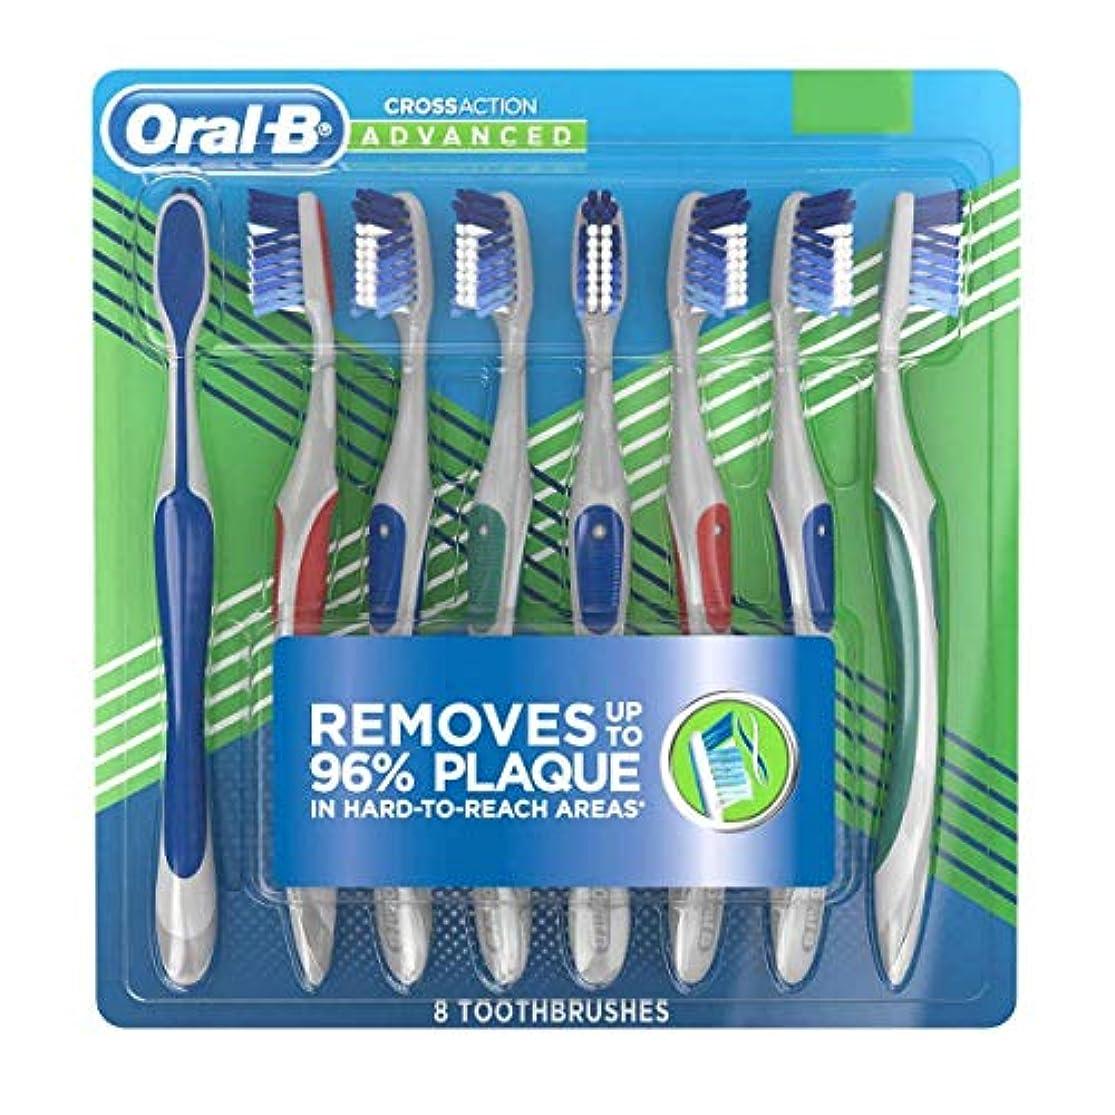 の前でシルエット帰するOral-B Pro-Health Cross Action Advanced Toothbrush 8-pack SOFT オーラルB プロヘルス クロスアクション アドバンスド 歯ブラシ8本セット(ソフトタイプ)